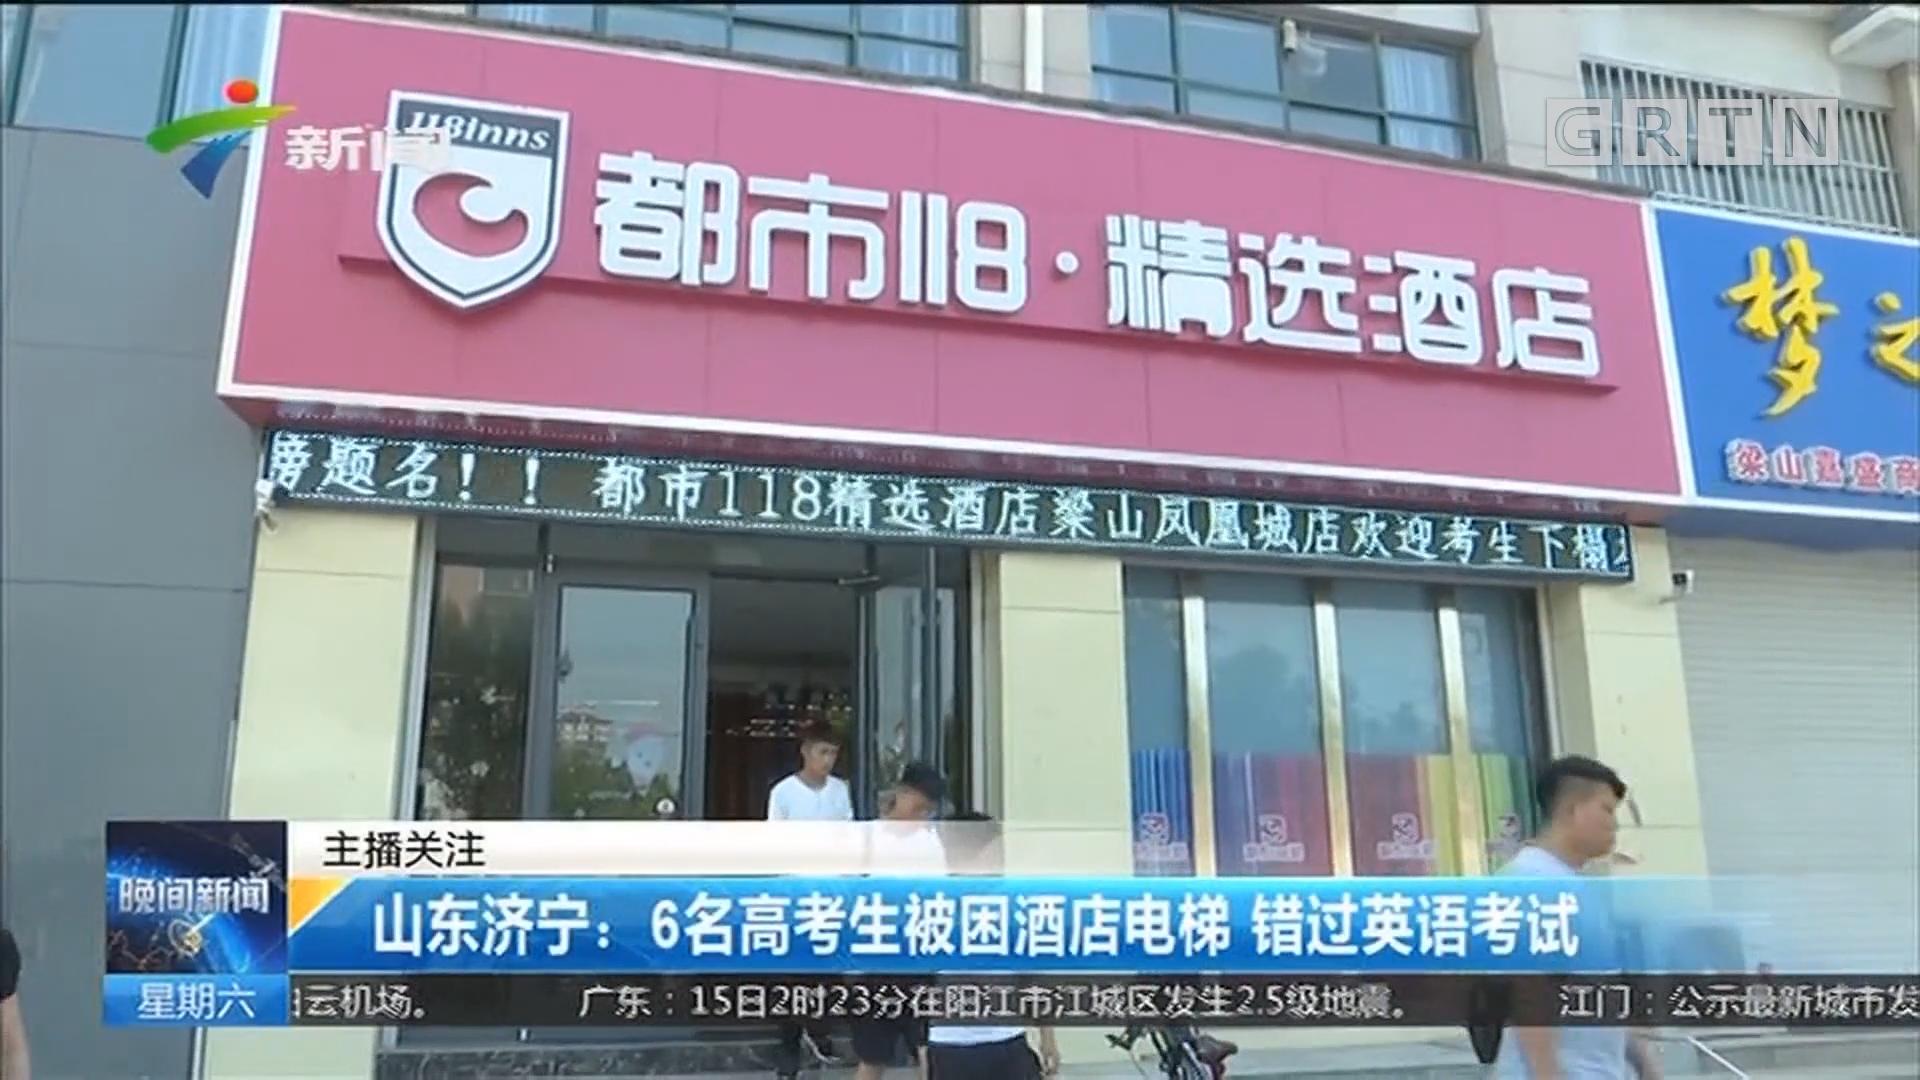 主播关注 山东济宁:6名高考生被困酒店电梯 错过英语考试